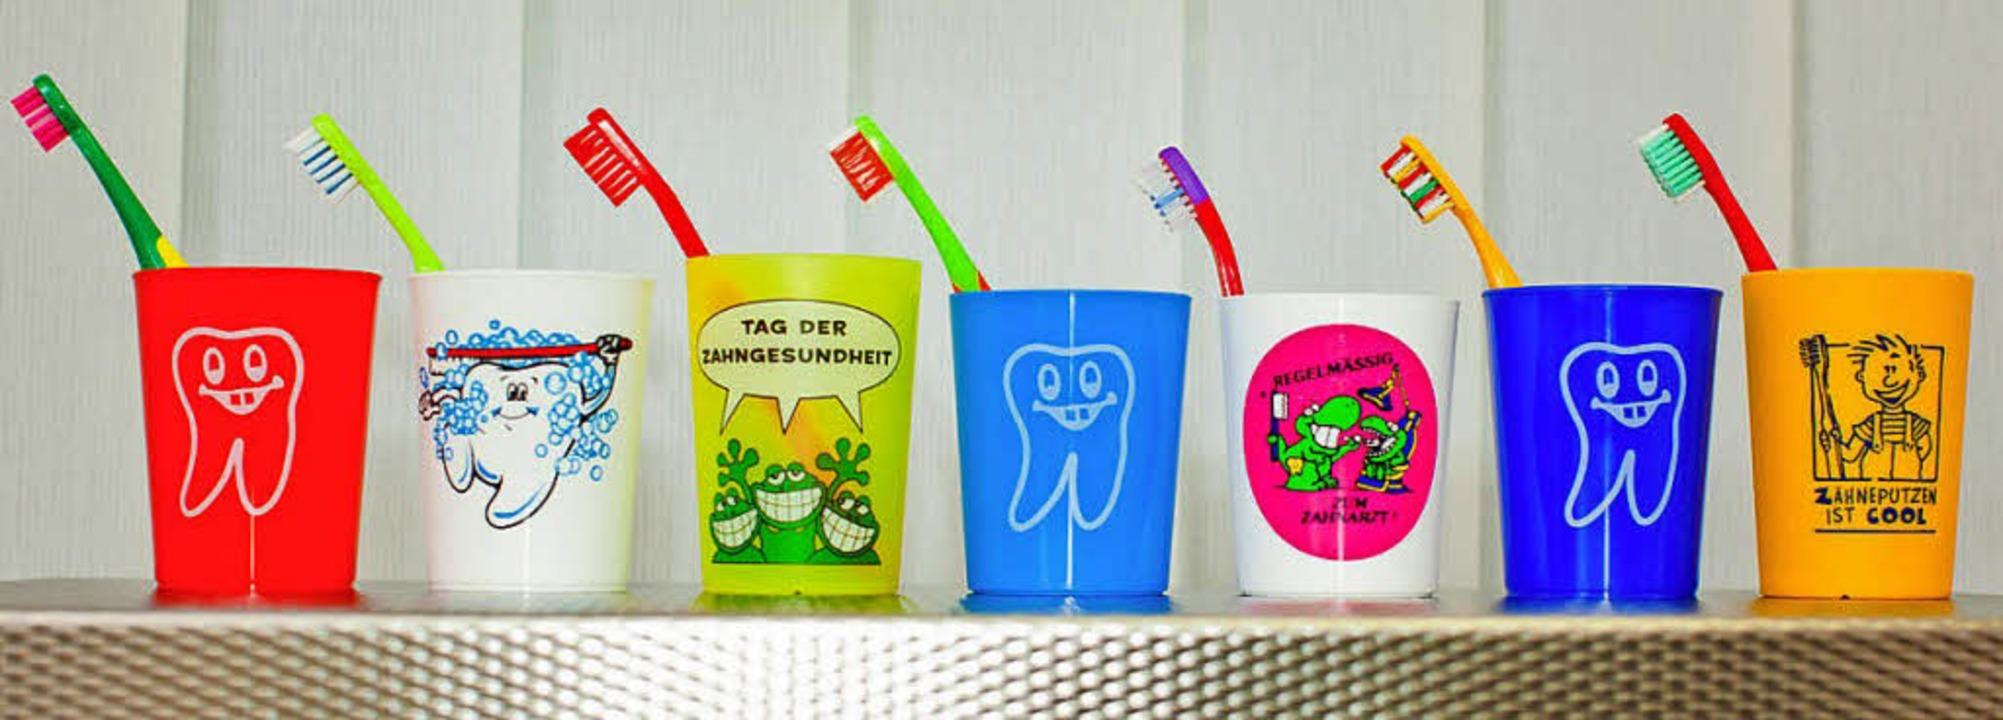 Klar, Zähne putzen ist auch bei Kleink...n aber schon die Jüngsten Zahnersatz.   | Foto: pro dente